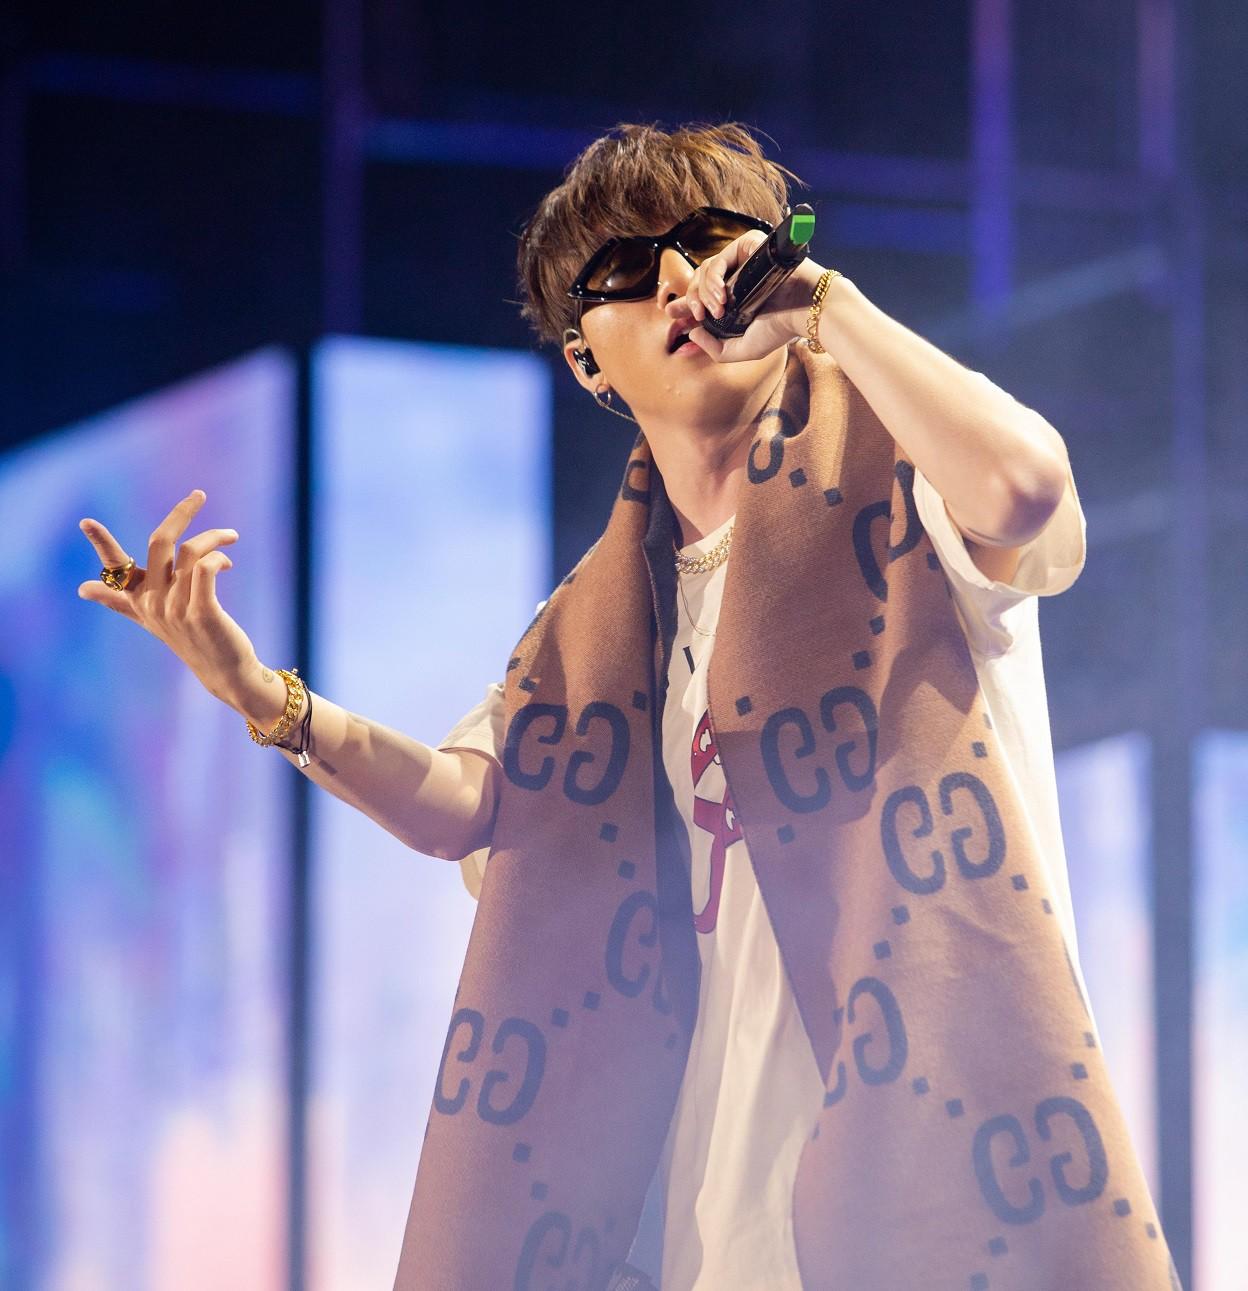 """Sau khăn """"bà ngoại"""", Sơn Tùng tiếp tục khiến fan """"bấn loạn"""" với style """"ông ngoại quốc dân"""" - Ảnh 2."""